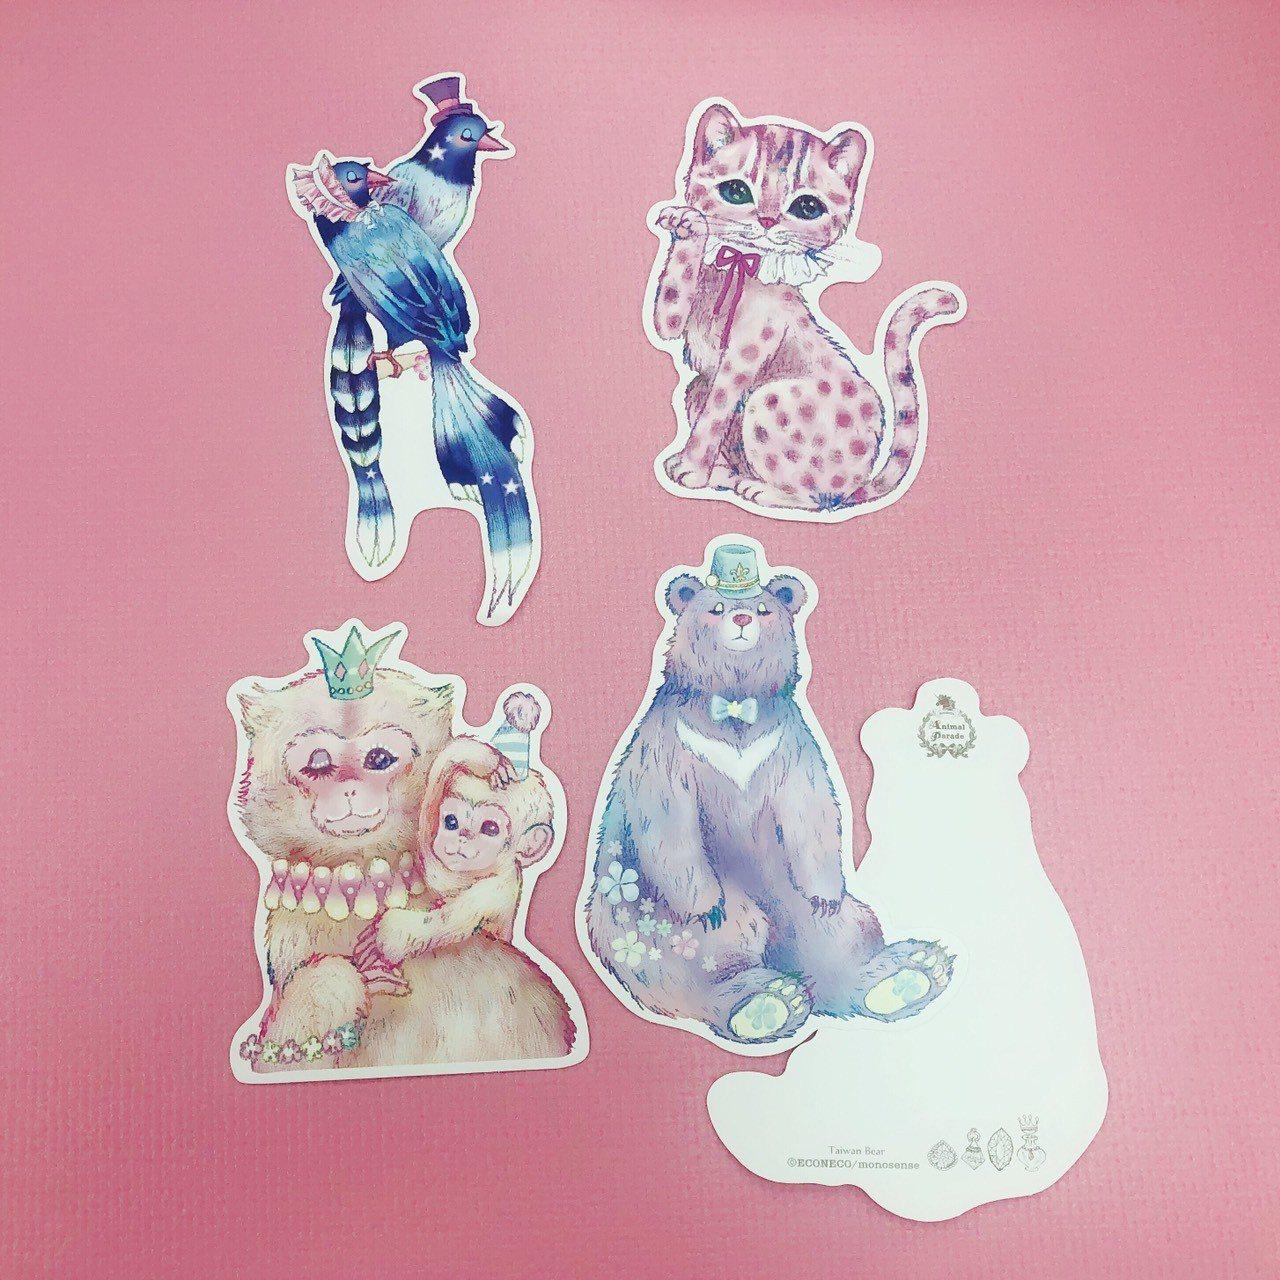 繪子貓設計的ECONECO台灣限定角色明信片,將台灣黑熊、石虎、台灣藍鵲、台灣獼...